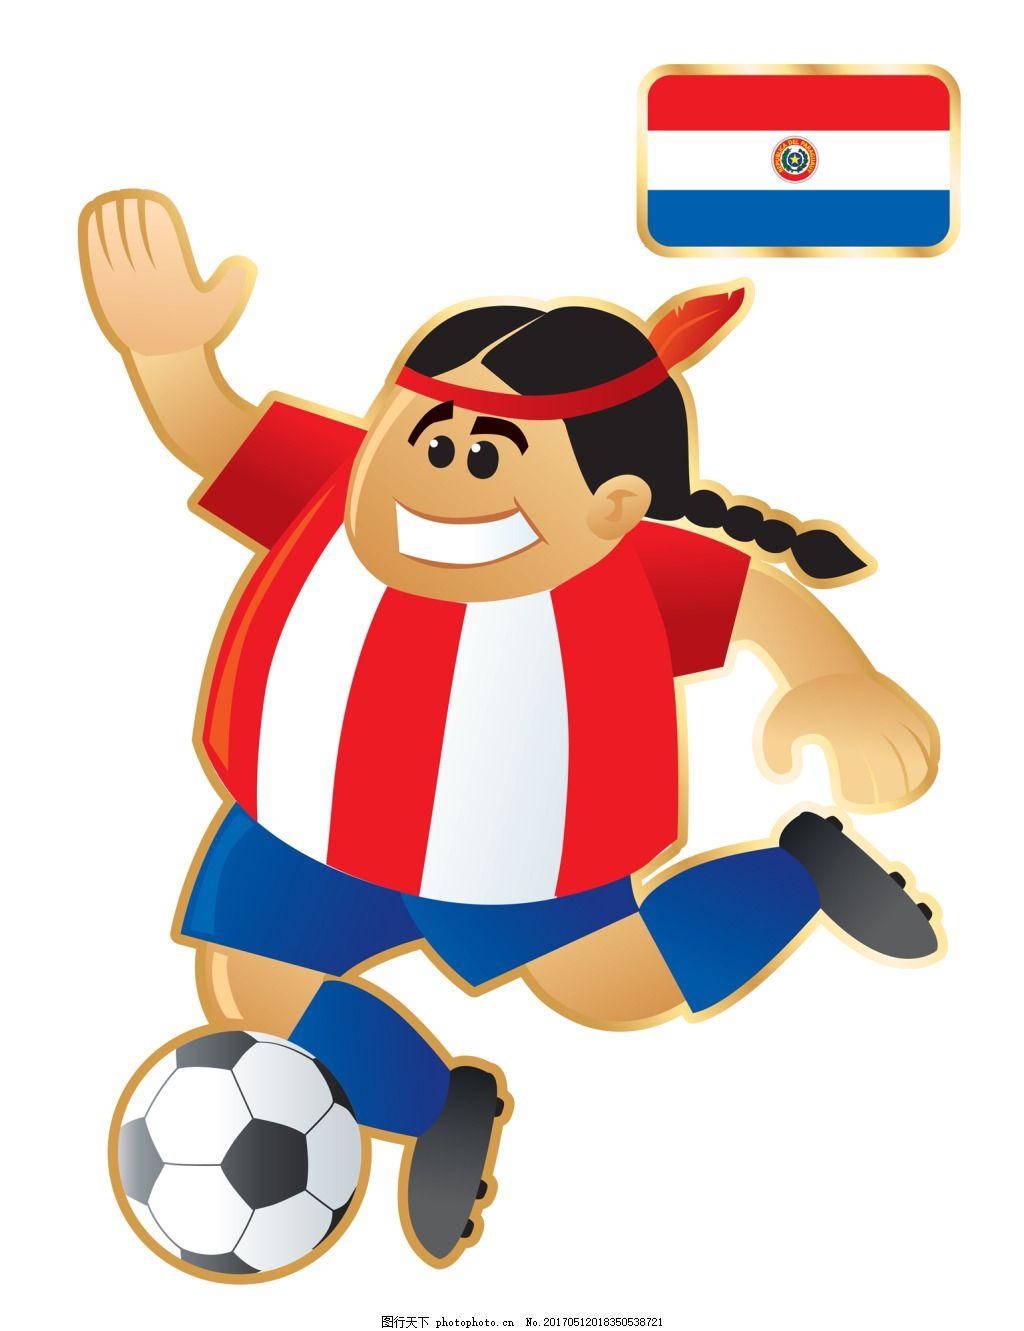 搞笑不同国家足球卡通人物形象矢量图 印度 运动员 大胖子 踢球